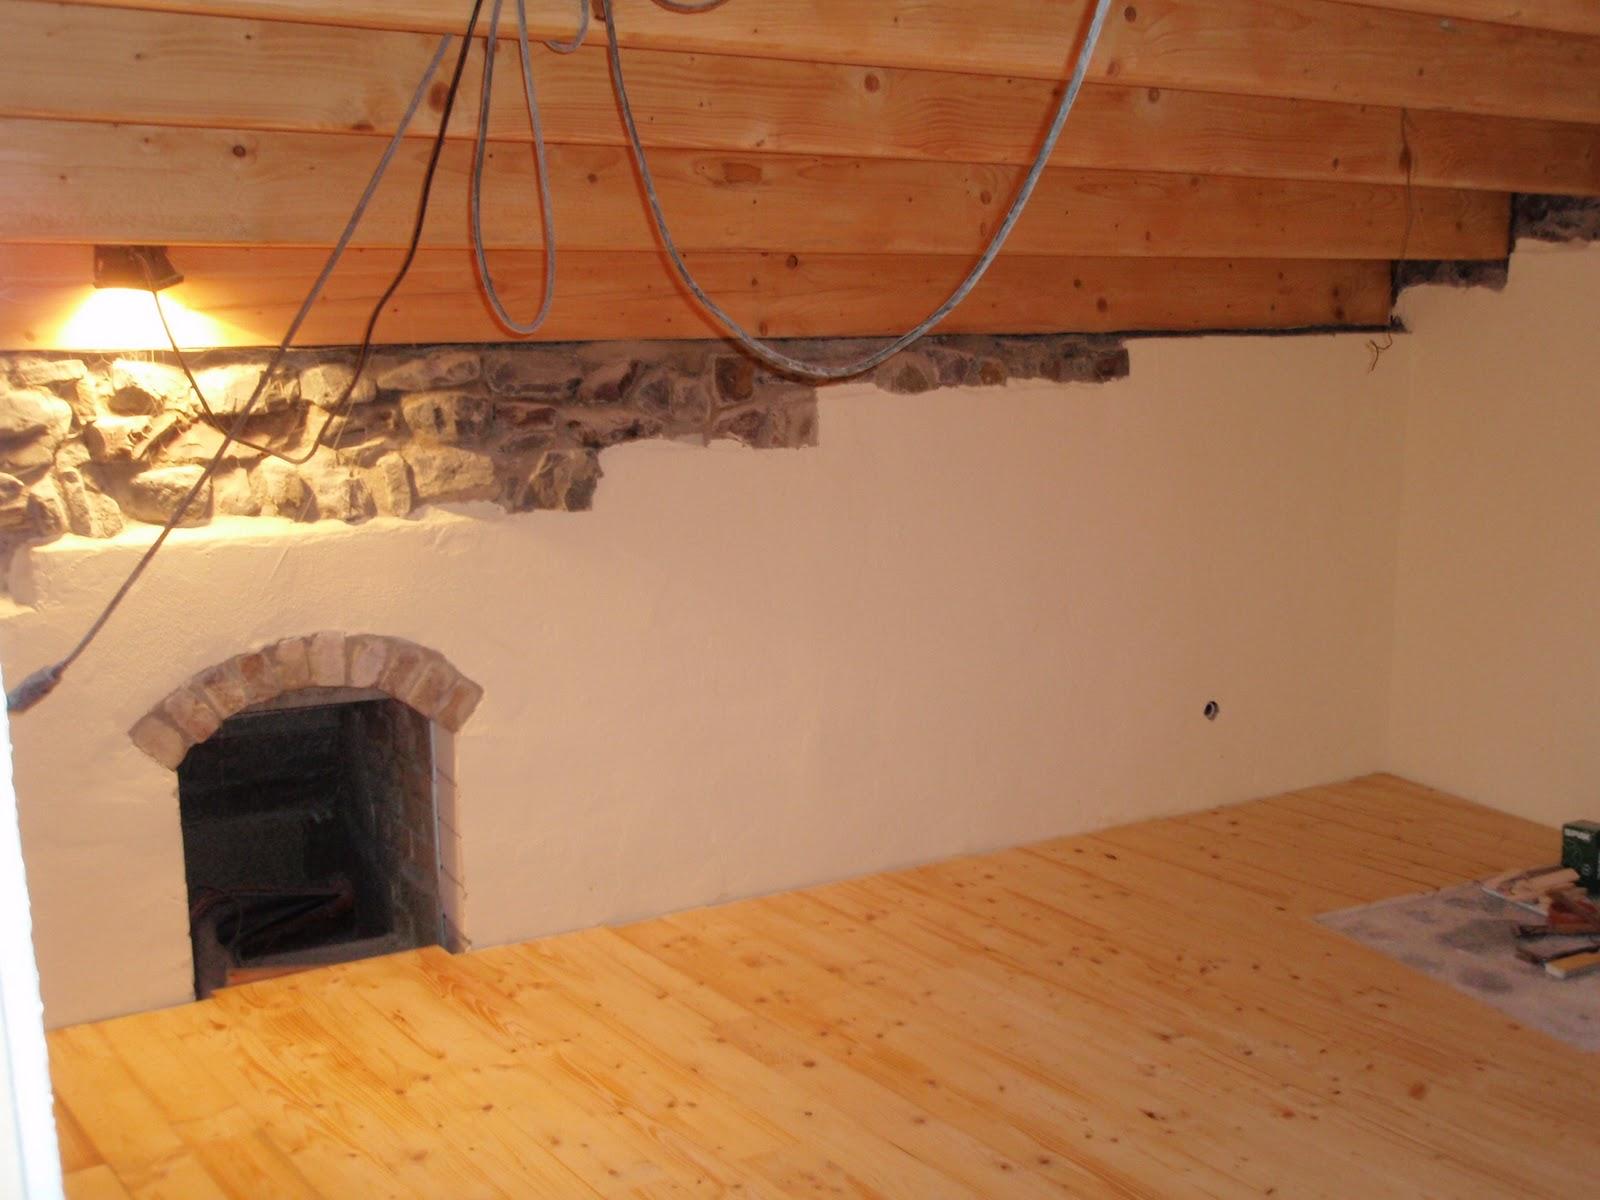 hobbithaus: 21.11.10 - 28.11.10